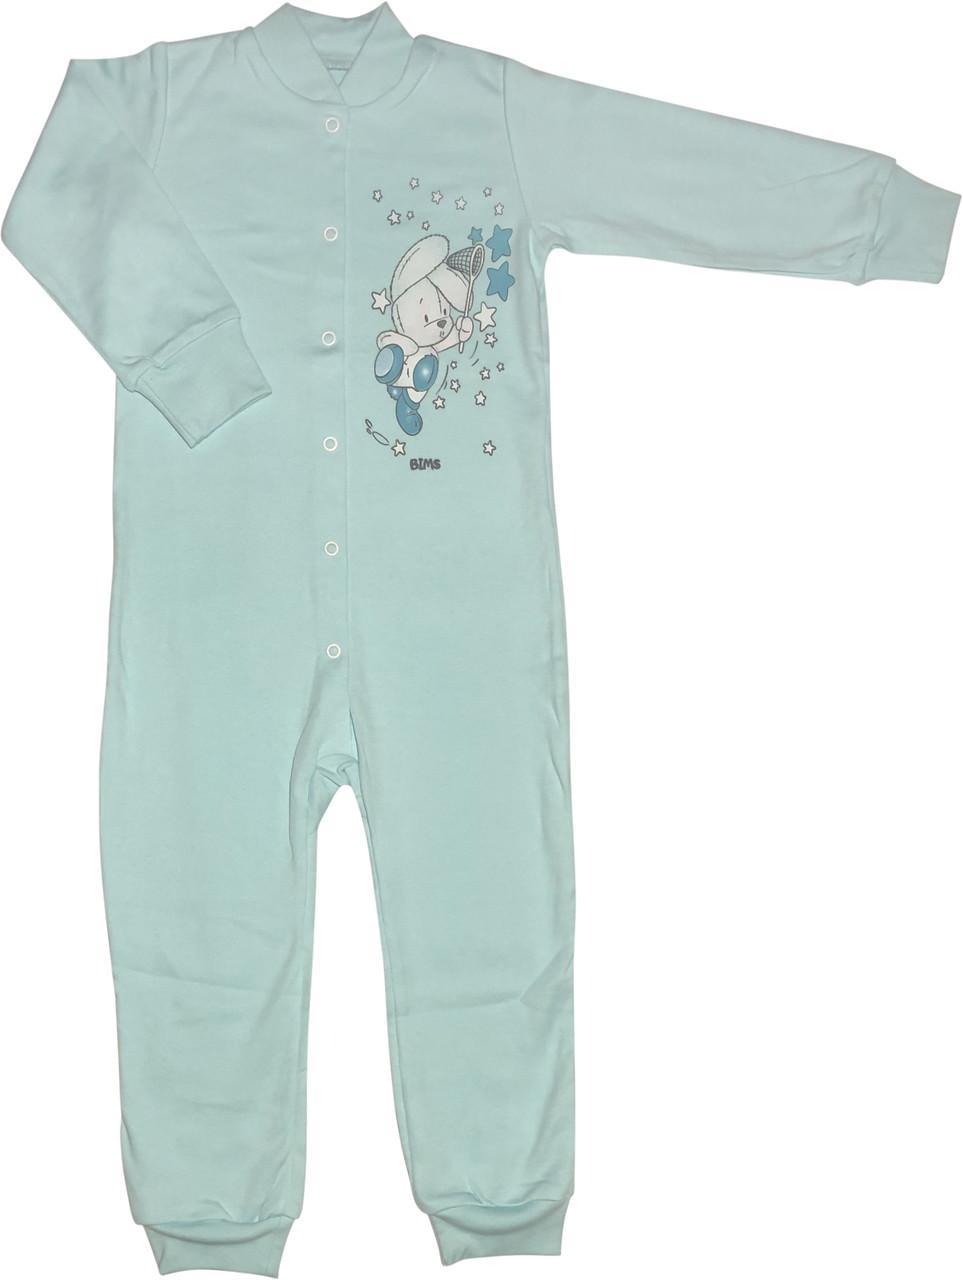 Человечек для малышей рост 86 1-1,5 года на мальчика девочку слип с отрытыми ножками трикотажный бирюзовый